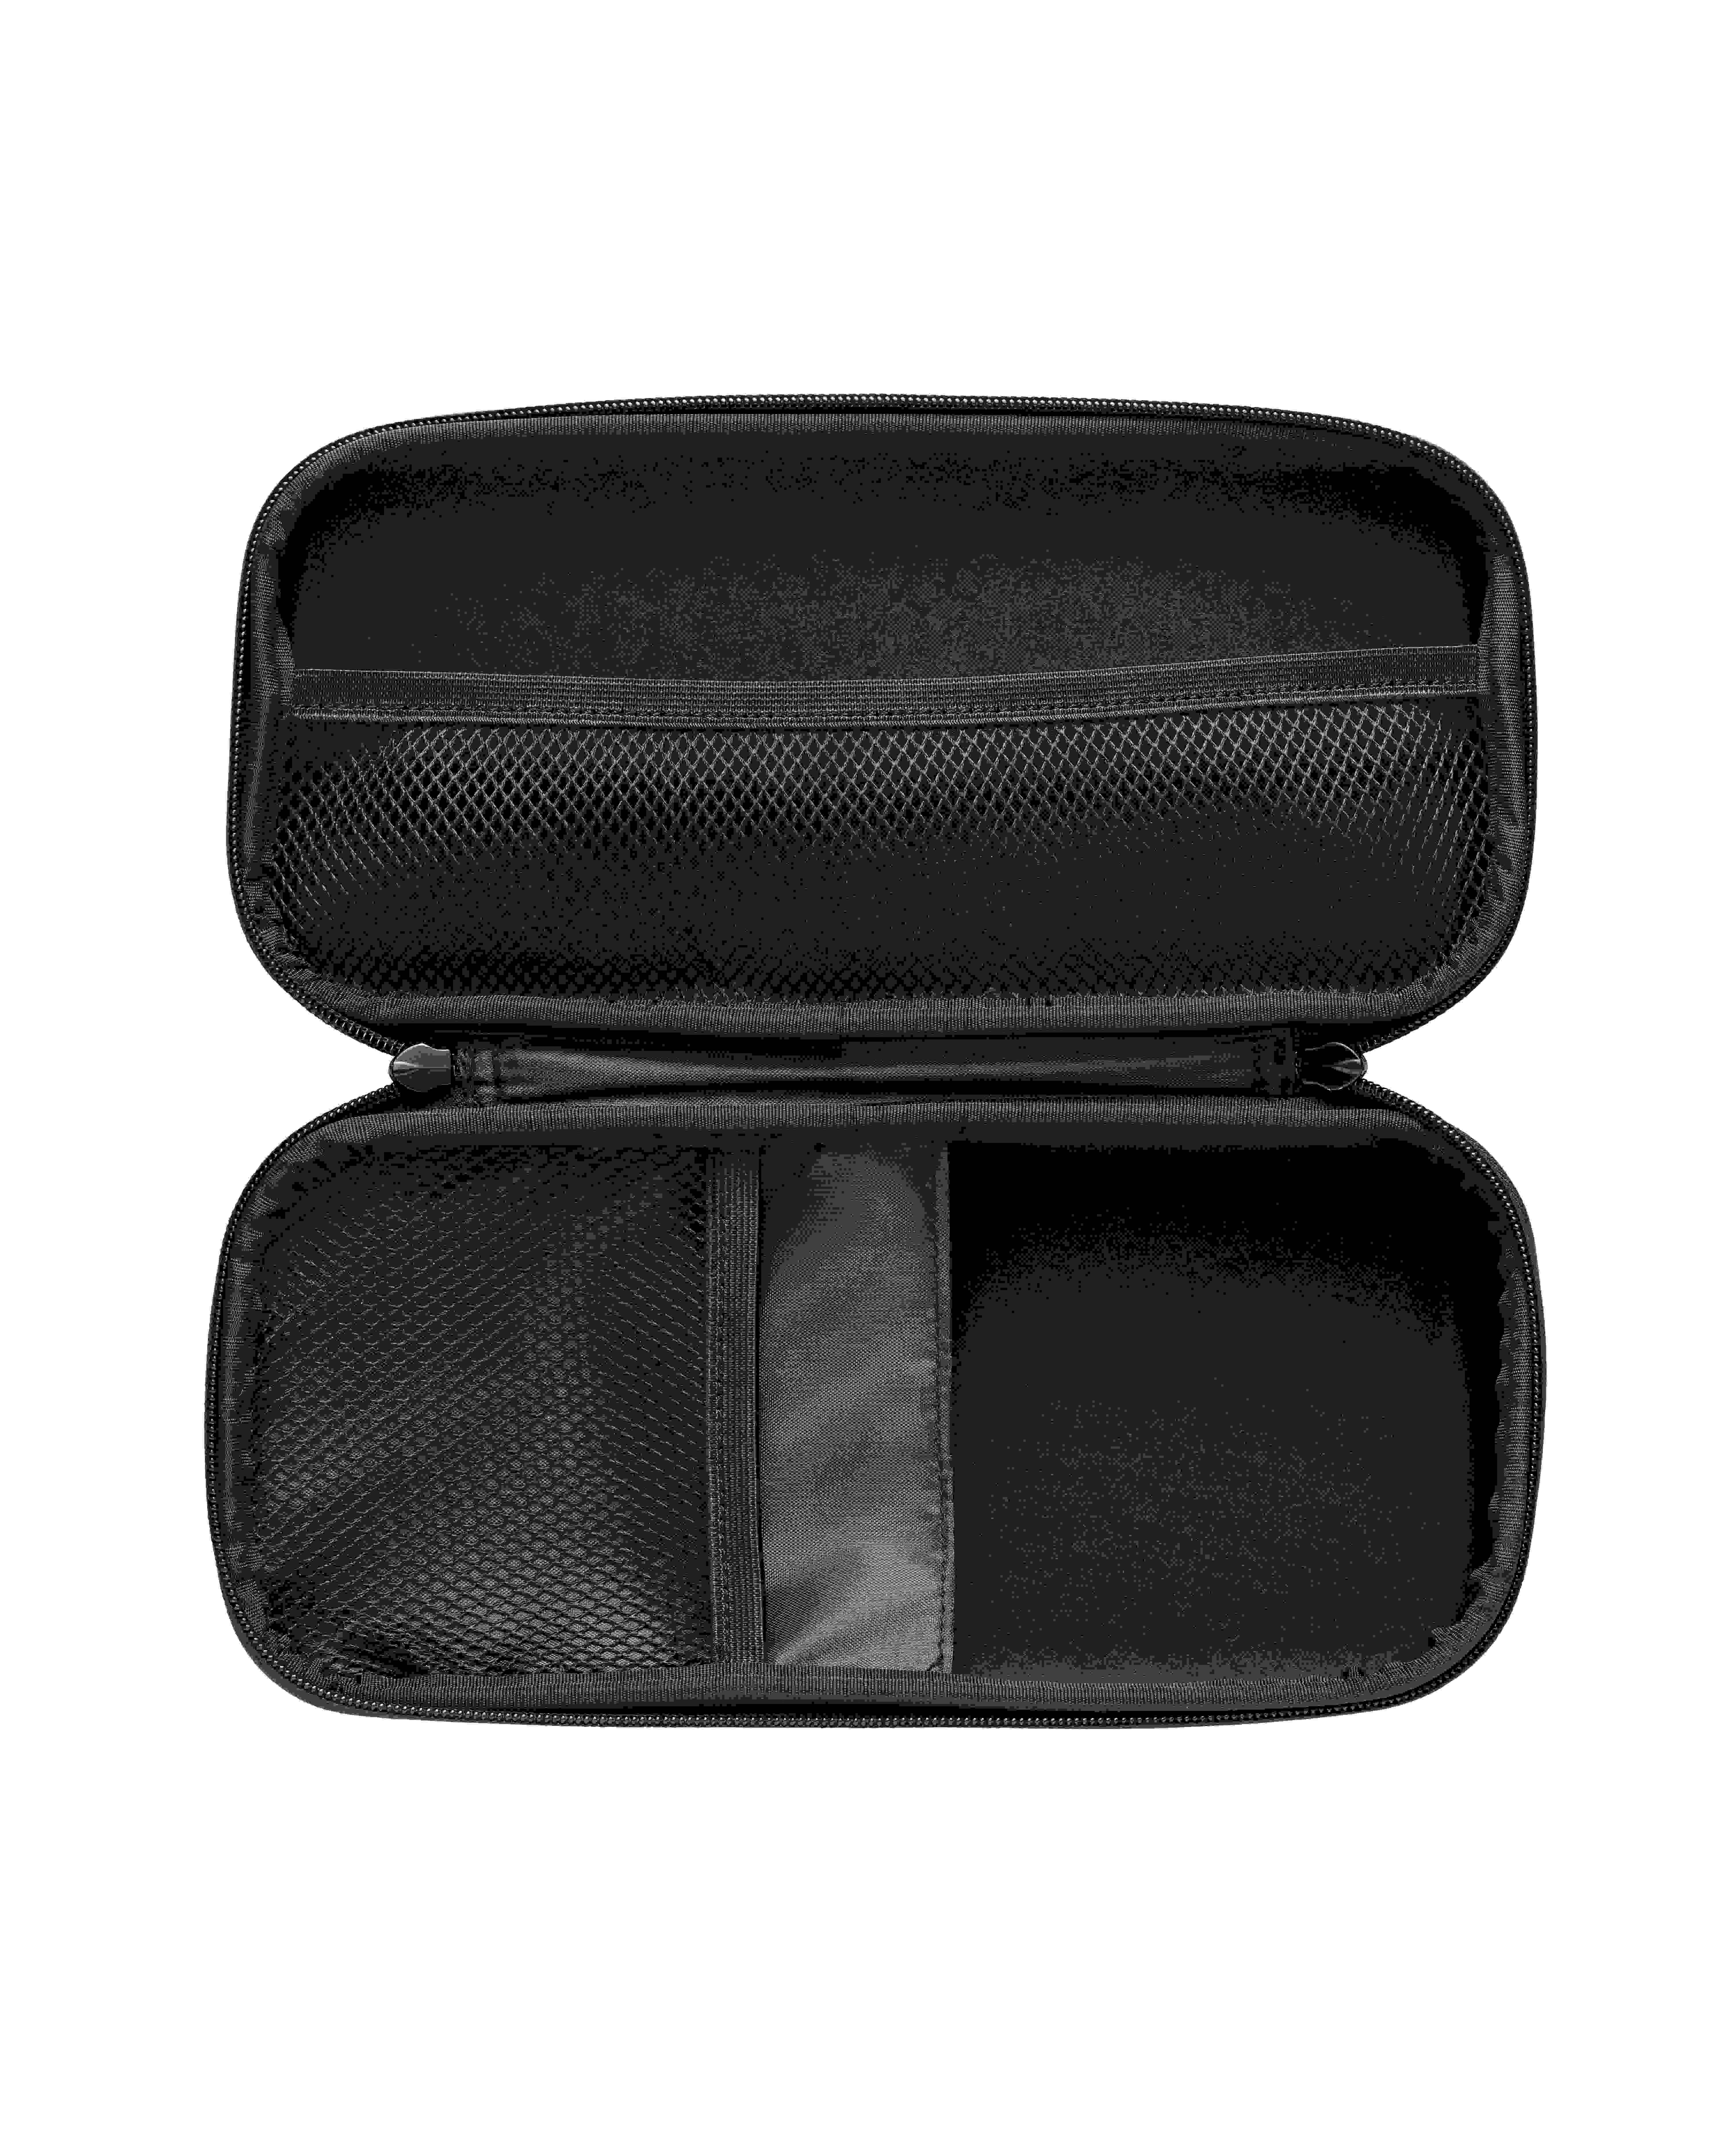 0590-0017-case-open